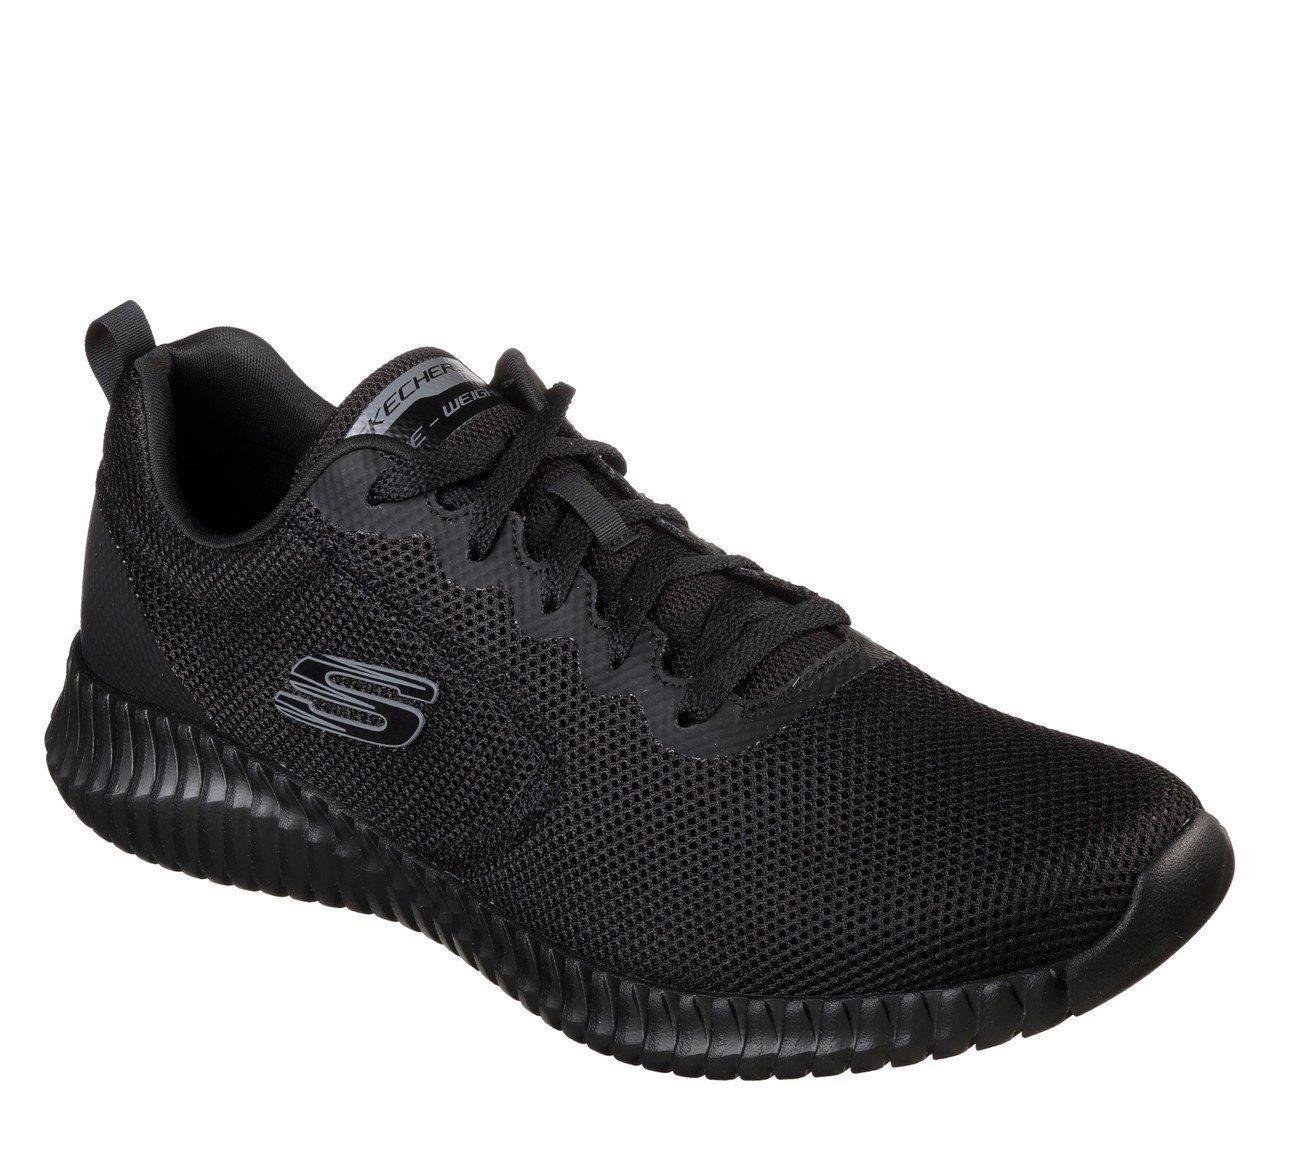 Skechers Elite Flex - Knockto Erkek Ayakkabı Siyah SKC52866 BBK